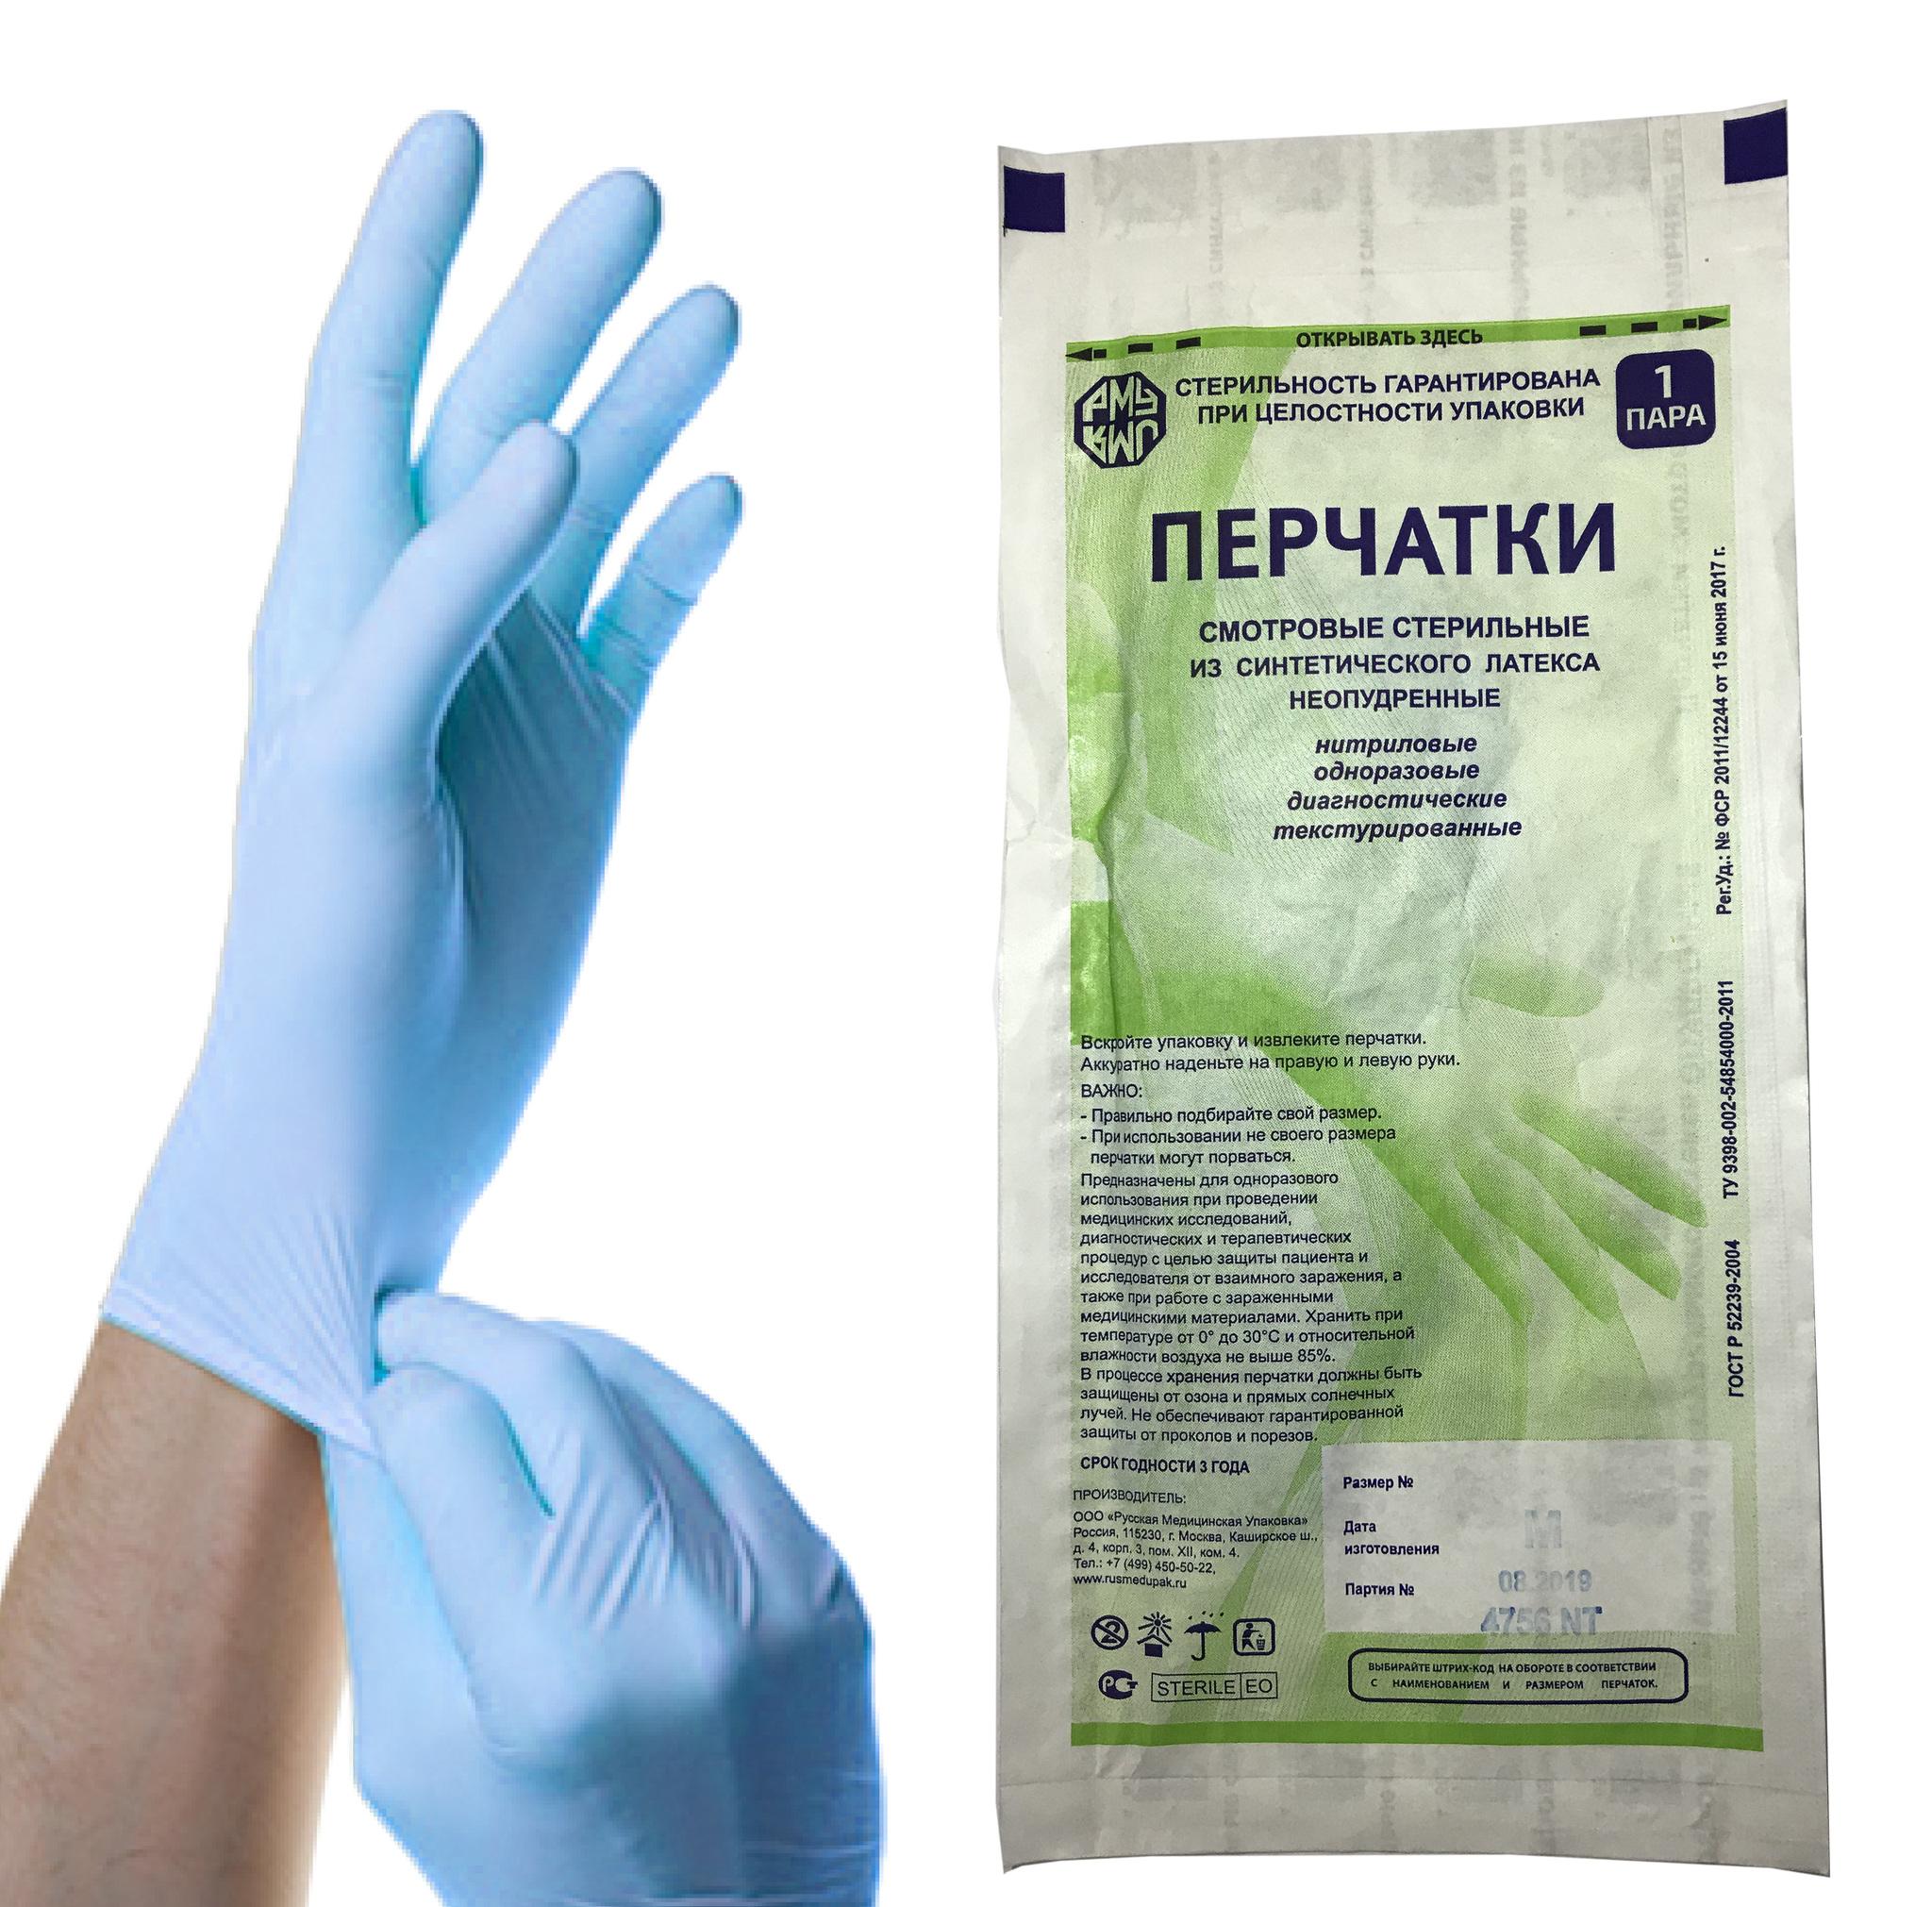 Купить РМУ3, Перчатки стерильные смотровые нитриловые РМУ 50 пар M